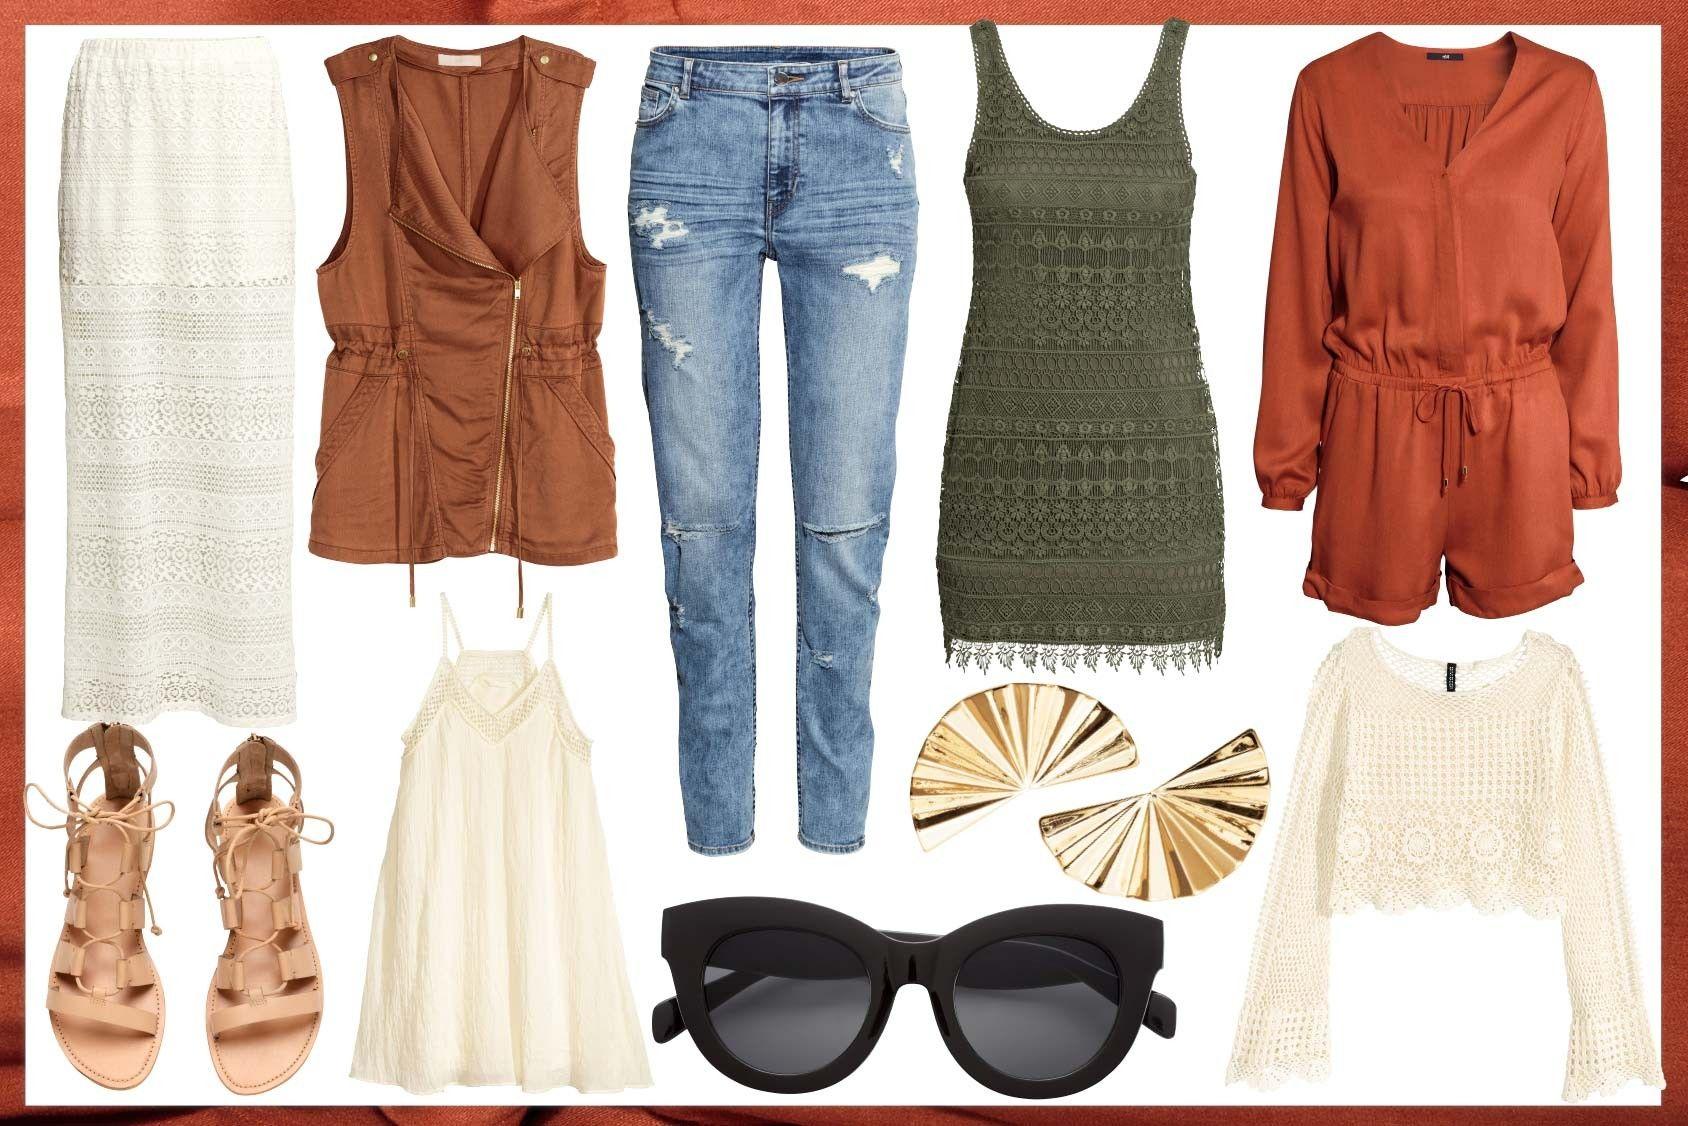 H&M Life   Editor's Picks  Tämän viikon parhaat muotiuutuudet. Set, outfit, clothes, style, fashion